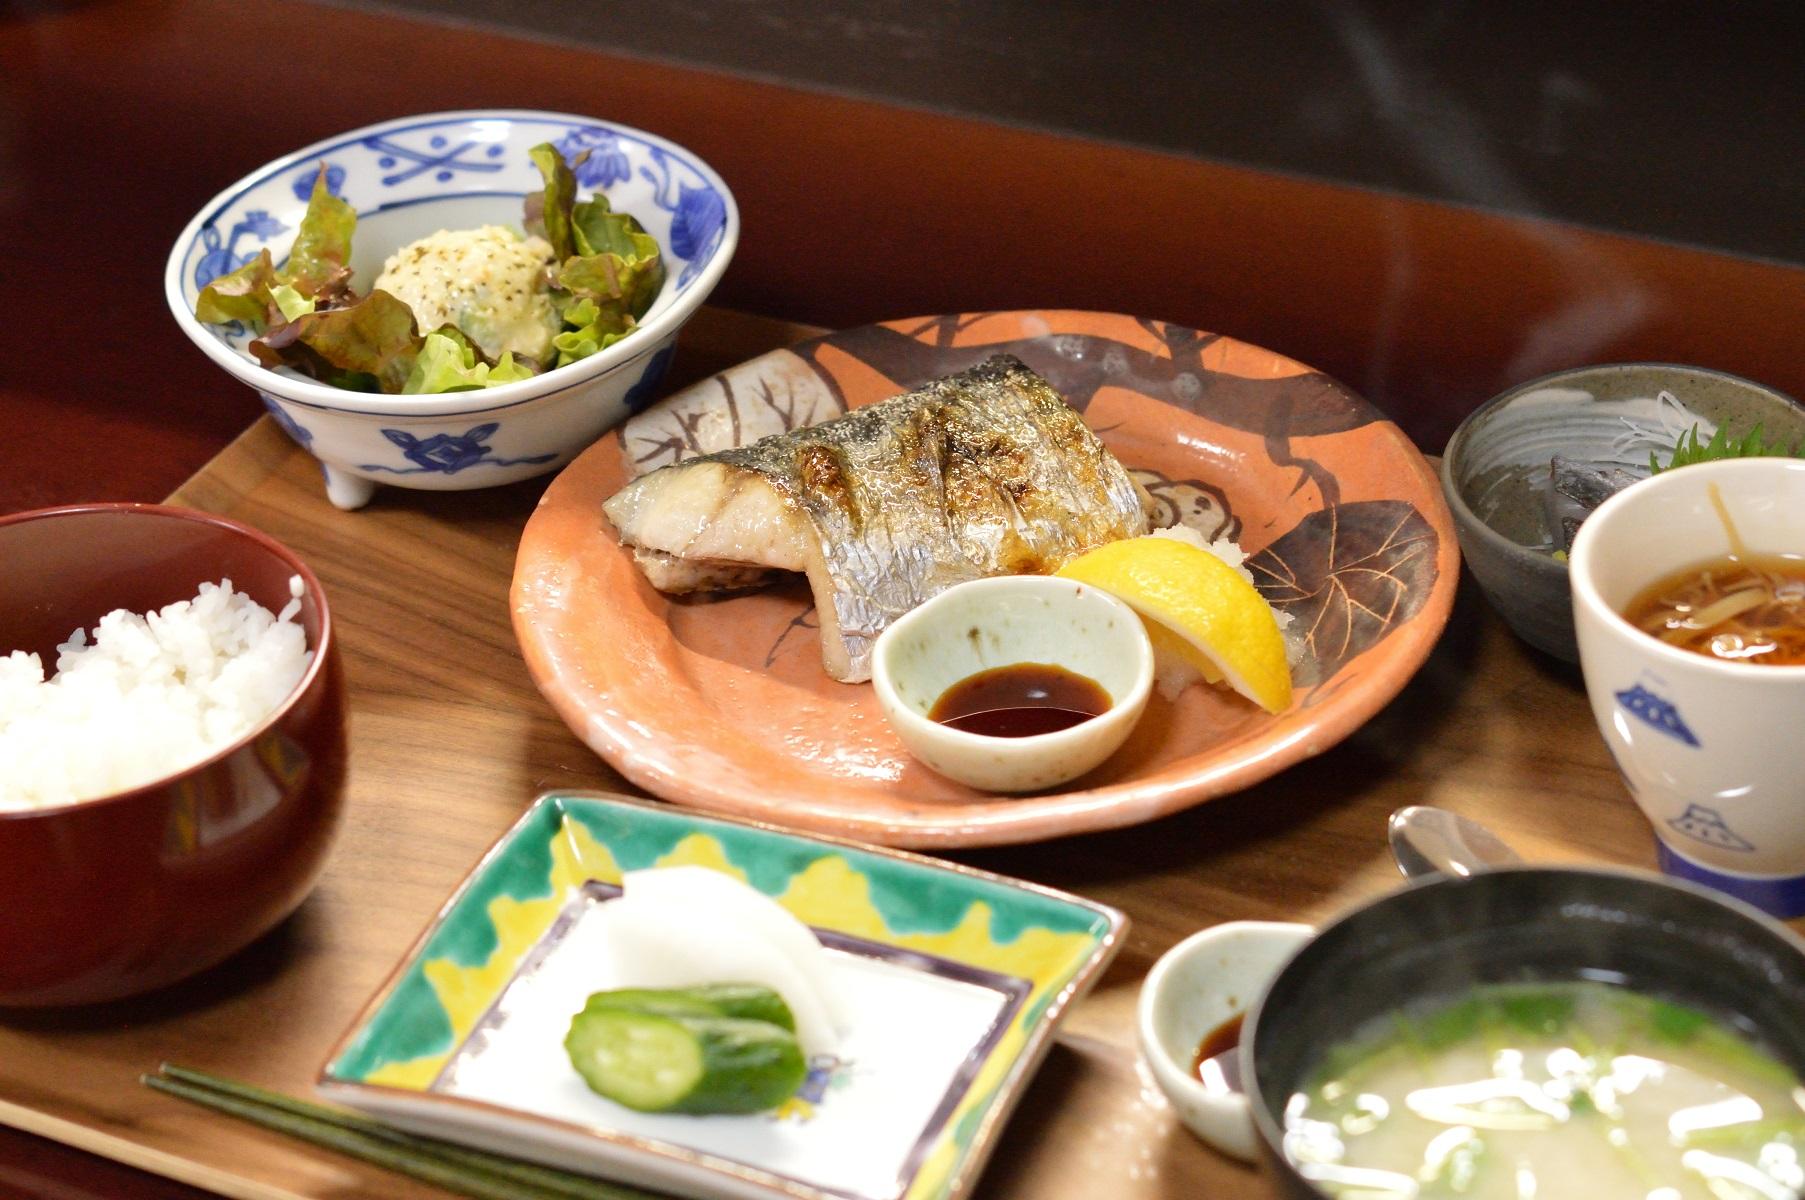 012_茨城県ひたちなか市 たがや02 焼き魚定食